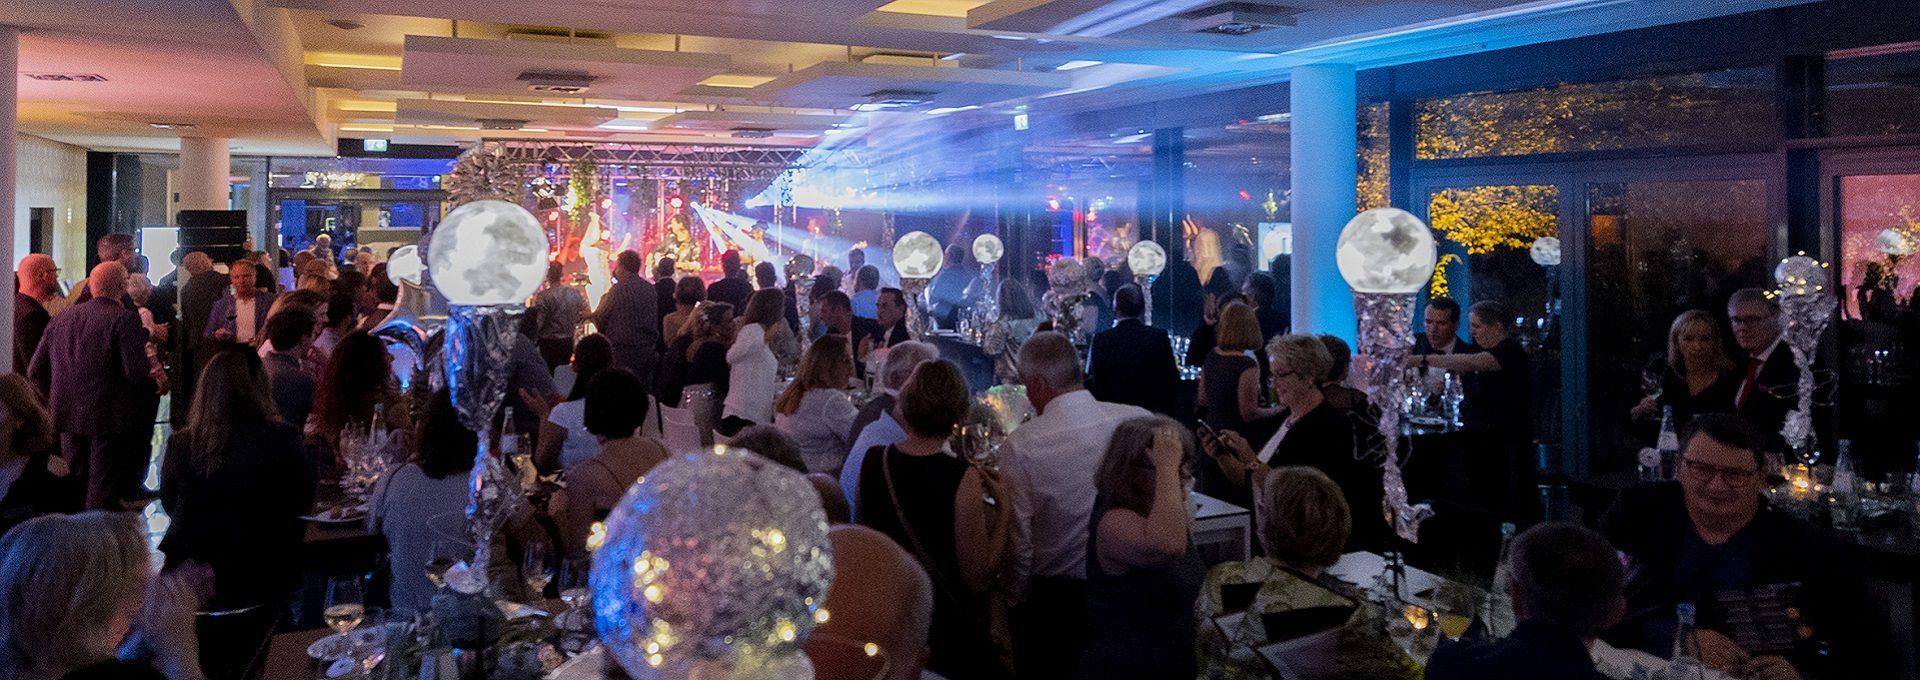 Tastetival 2019 Aufnahme Party im Foyer Forum